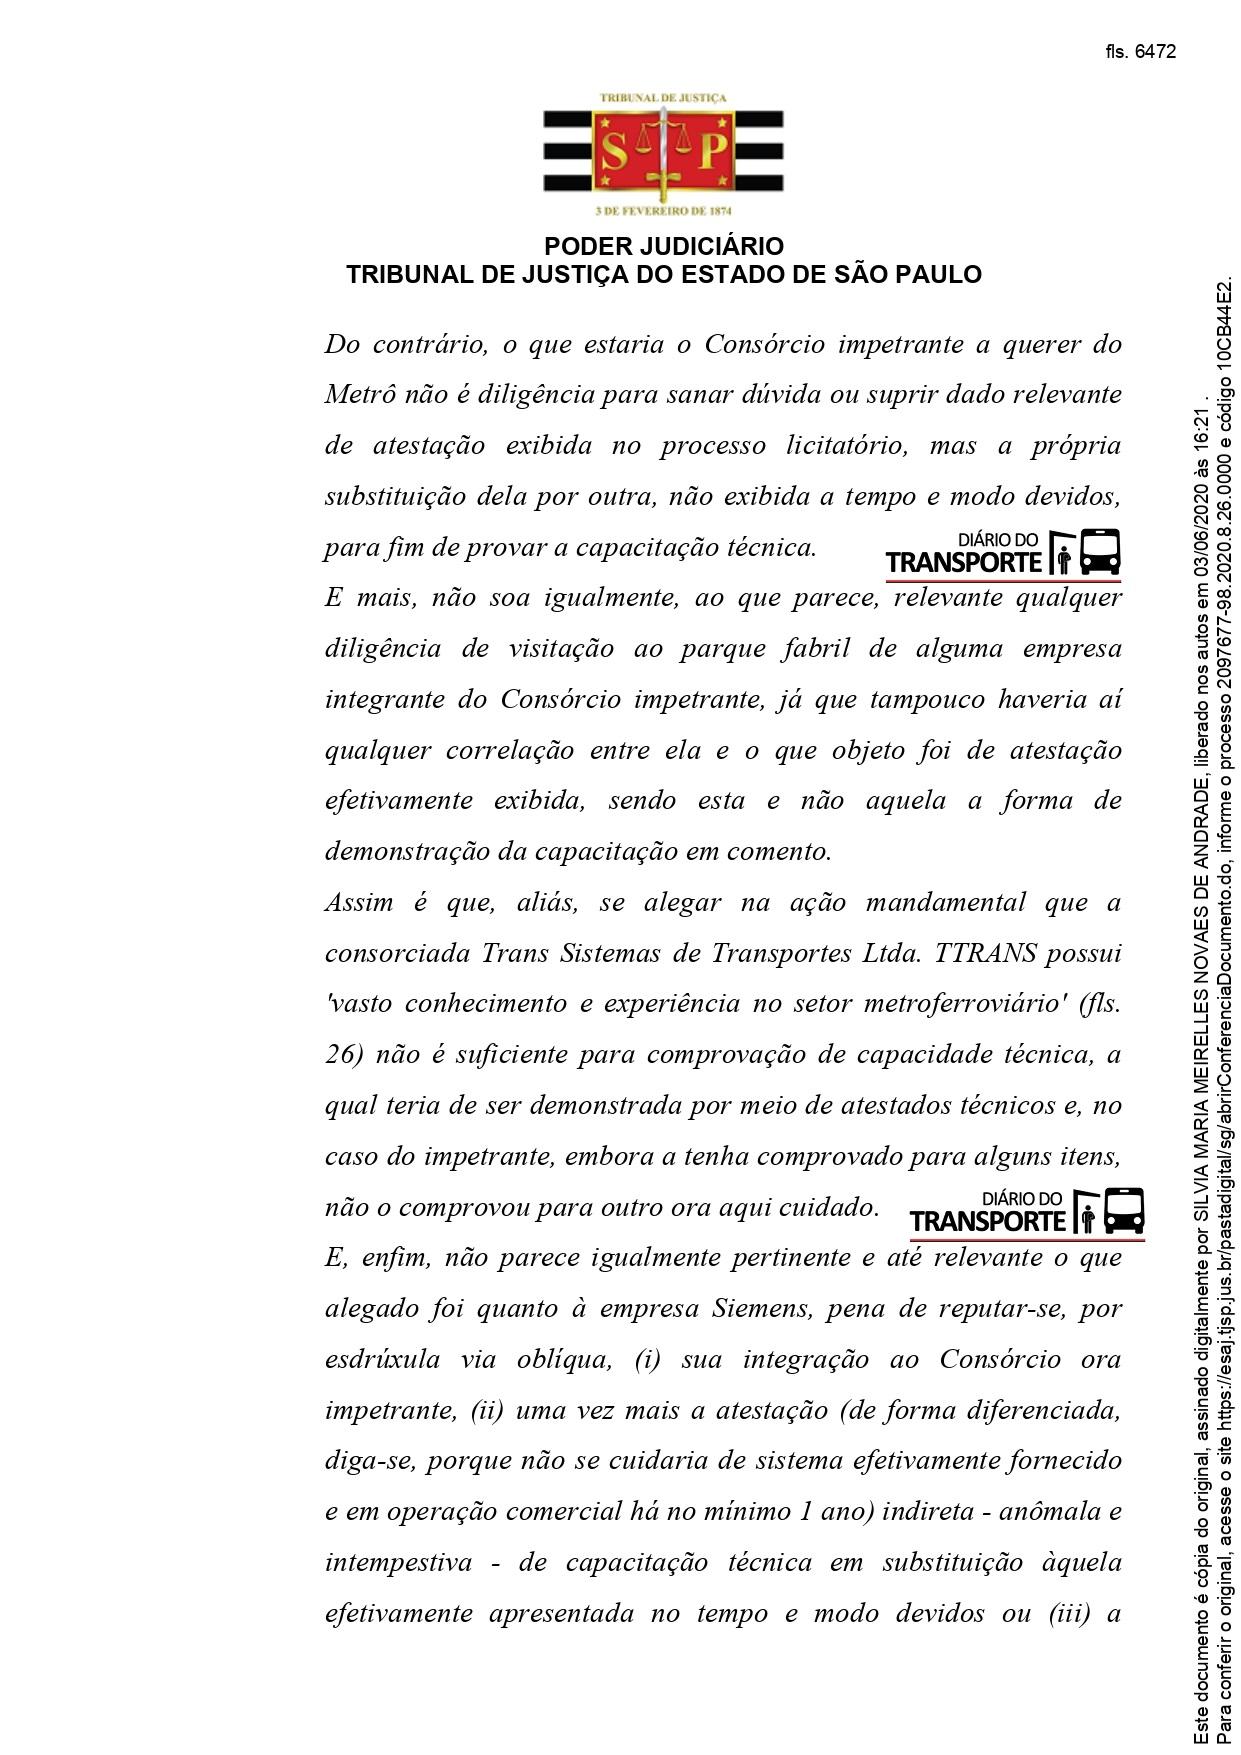 Mandado_linha17_page-0005